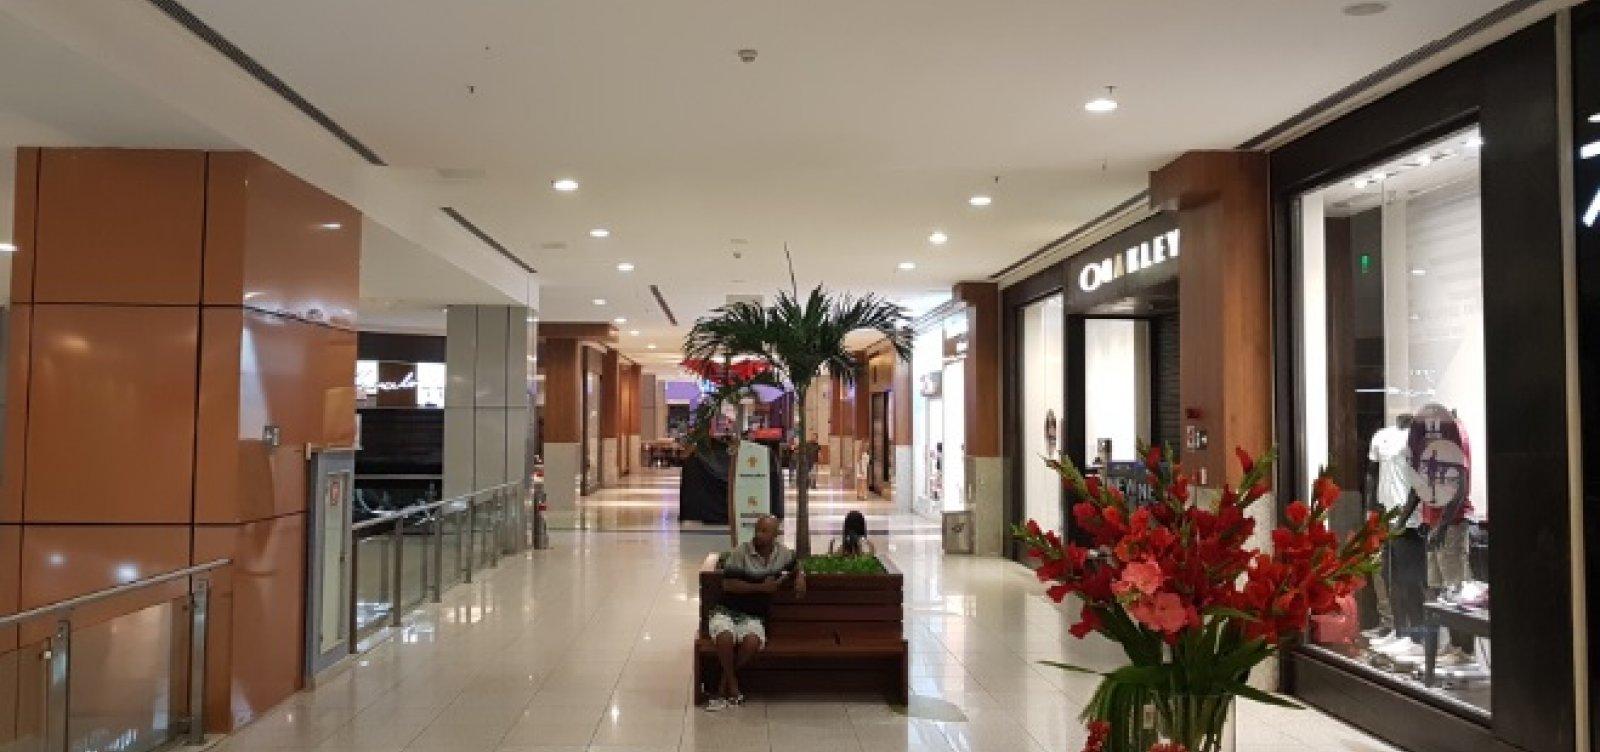 Shoppings: com lojas fechadas aos domingos, sindicato prevê demissões e suspensão de temporários